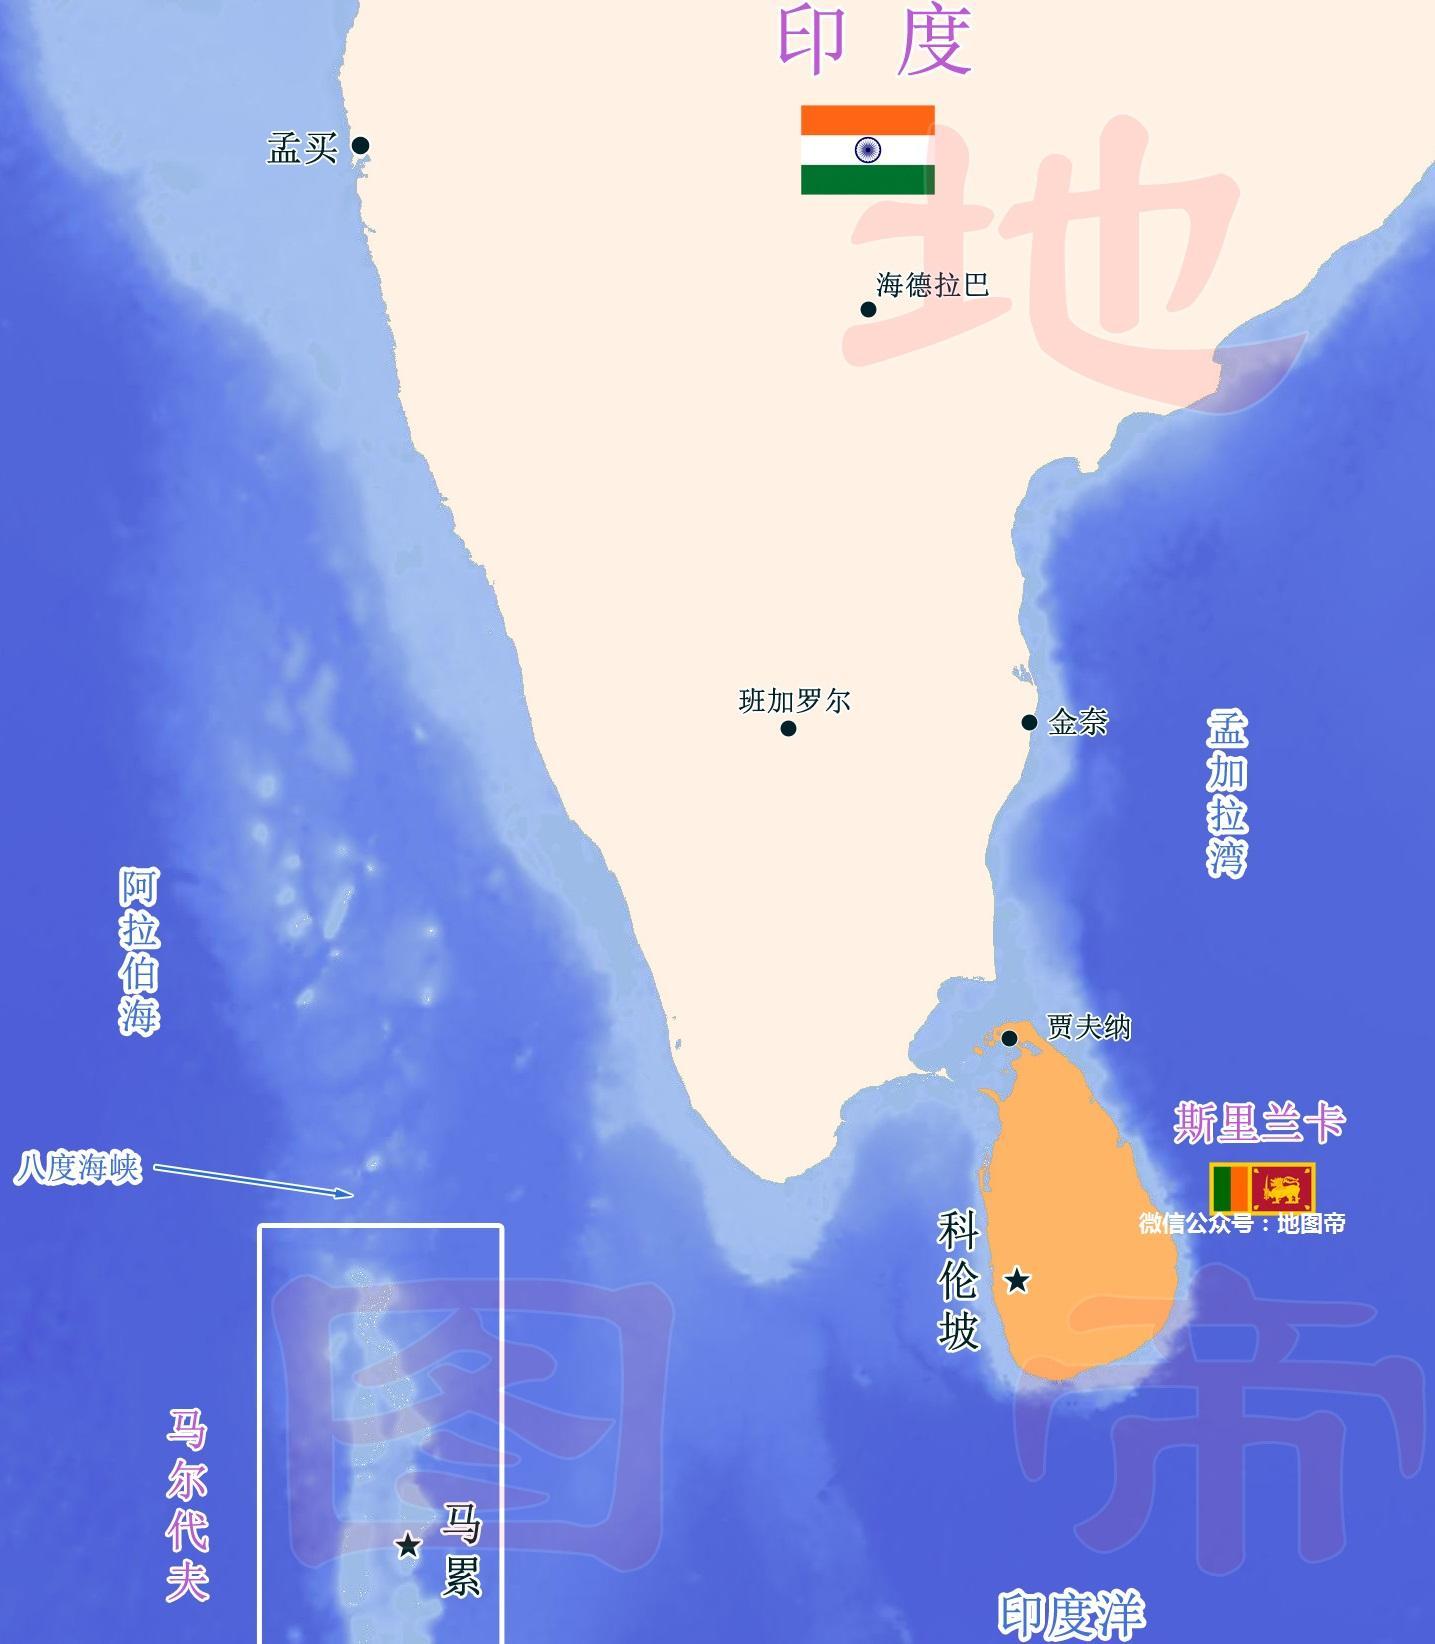 一带一路,一国地图像印度洋一滴眼泪,中国建港口